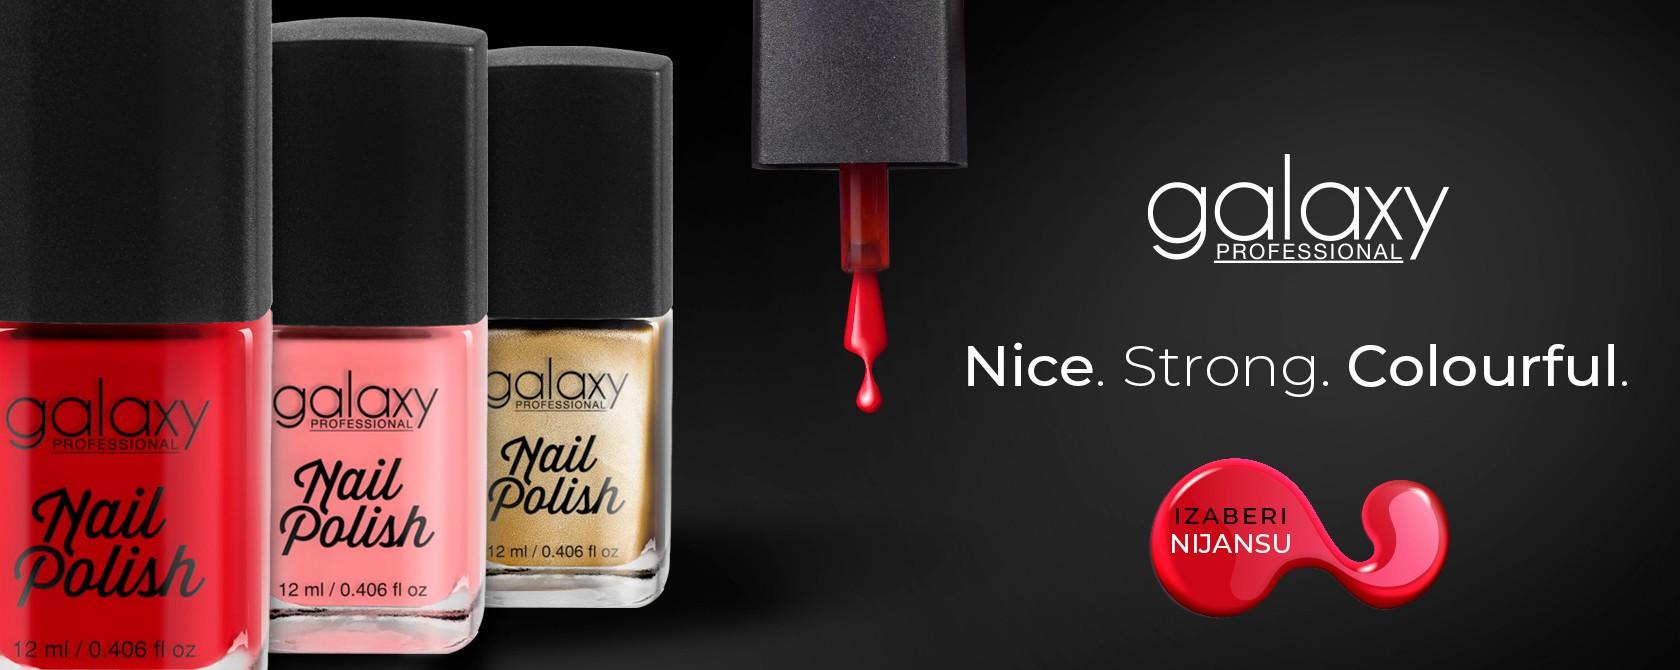 galaxy nail polish